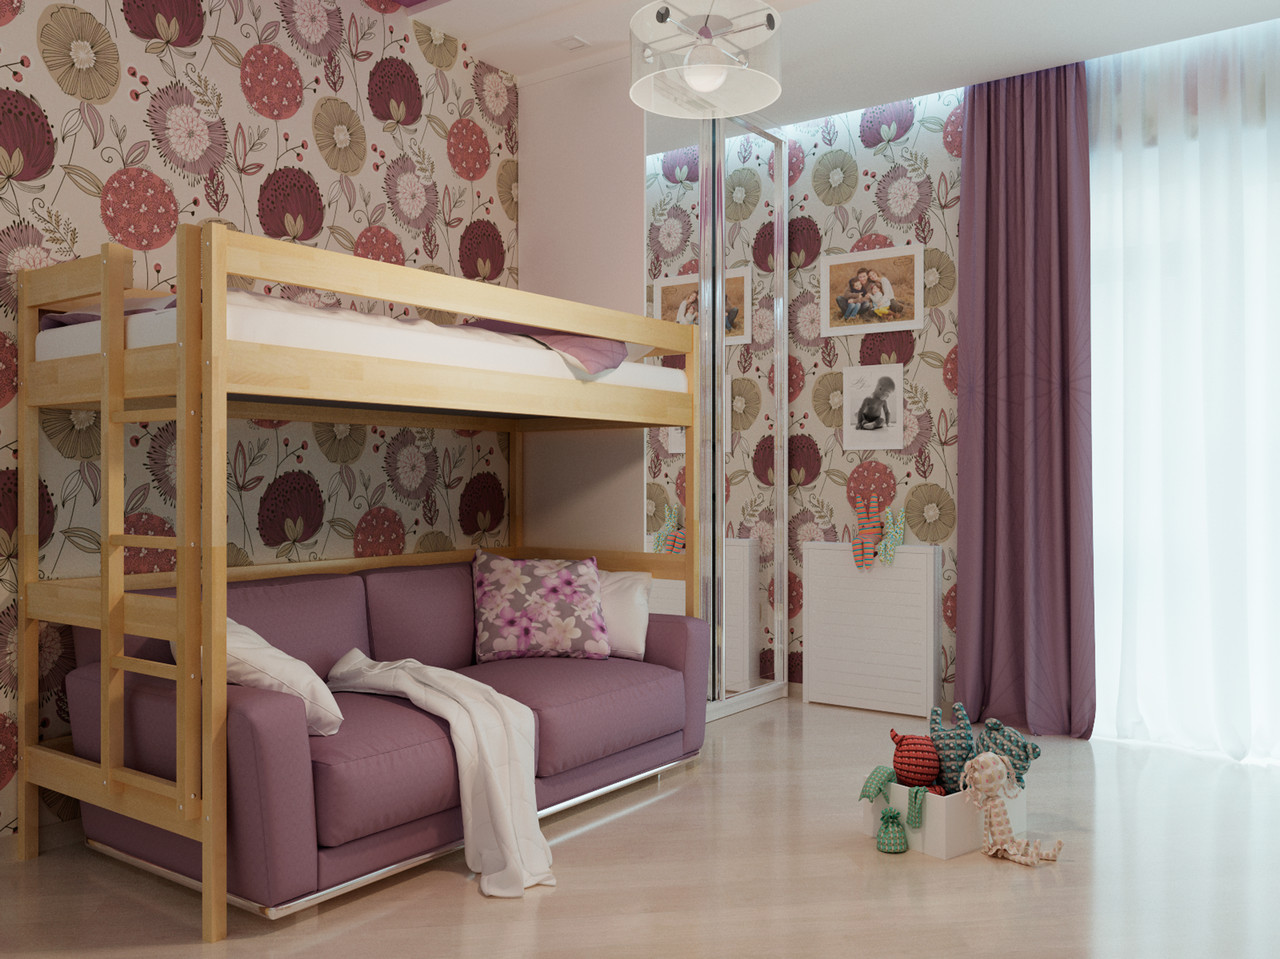 Кровать детская Чердак - Матрас Диван - мебельный интернет магазин в Киеве